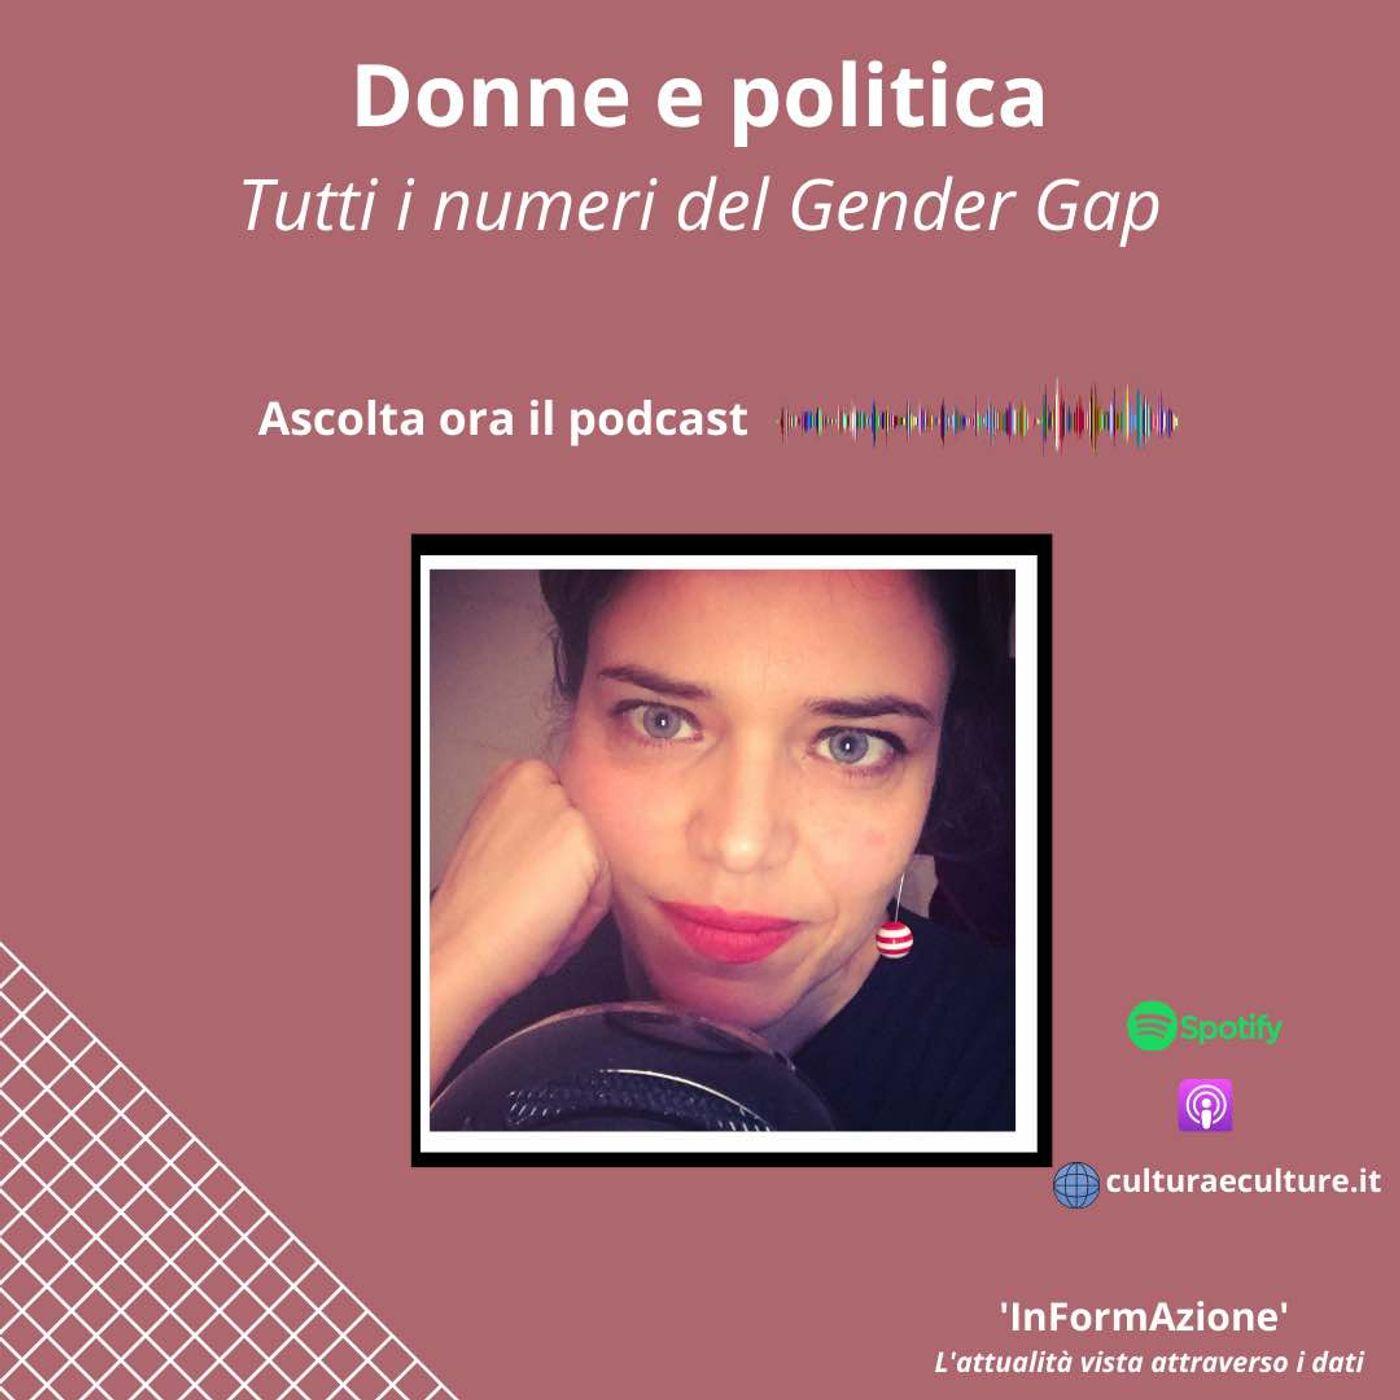 Ep. 17 Donne in politica: tutti i numeri del gender gap